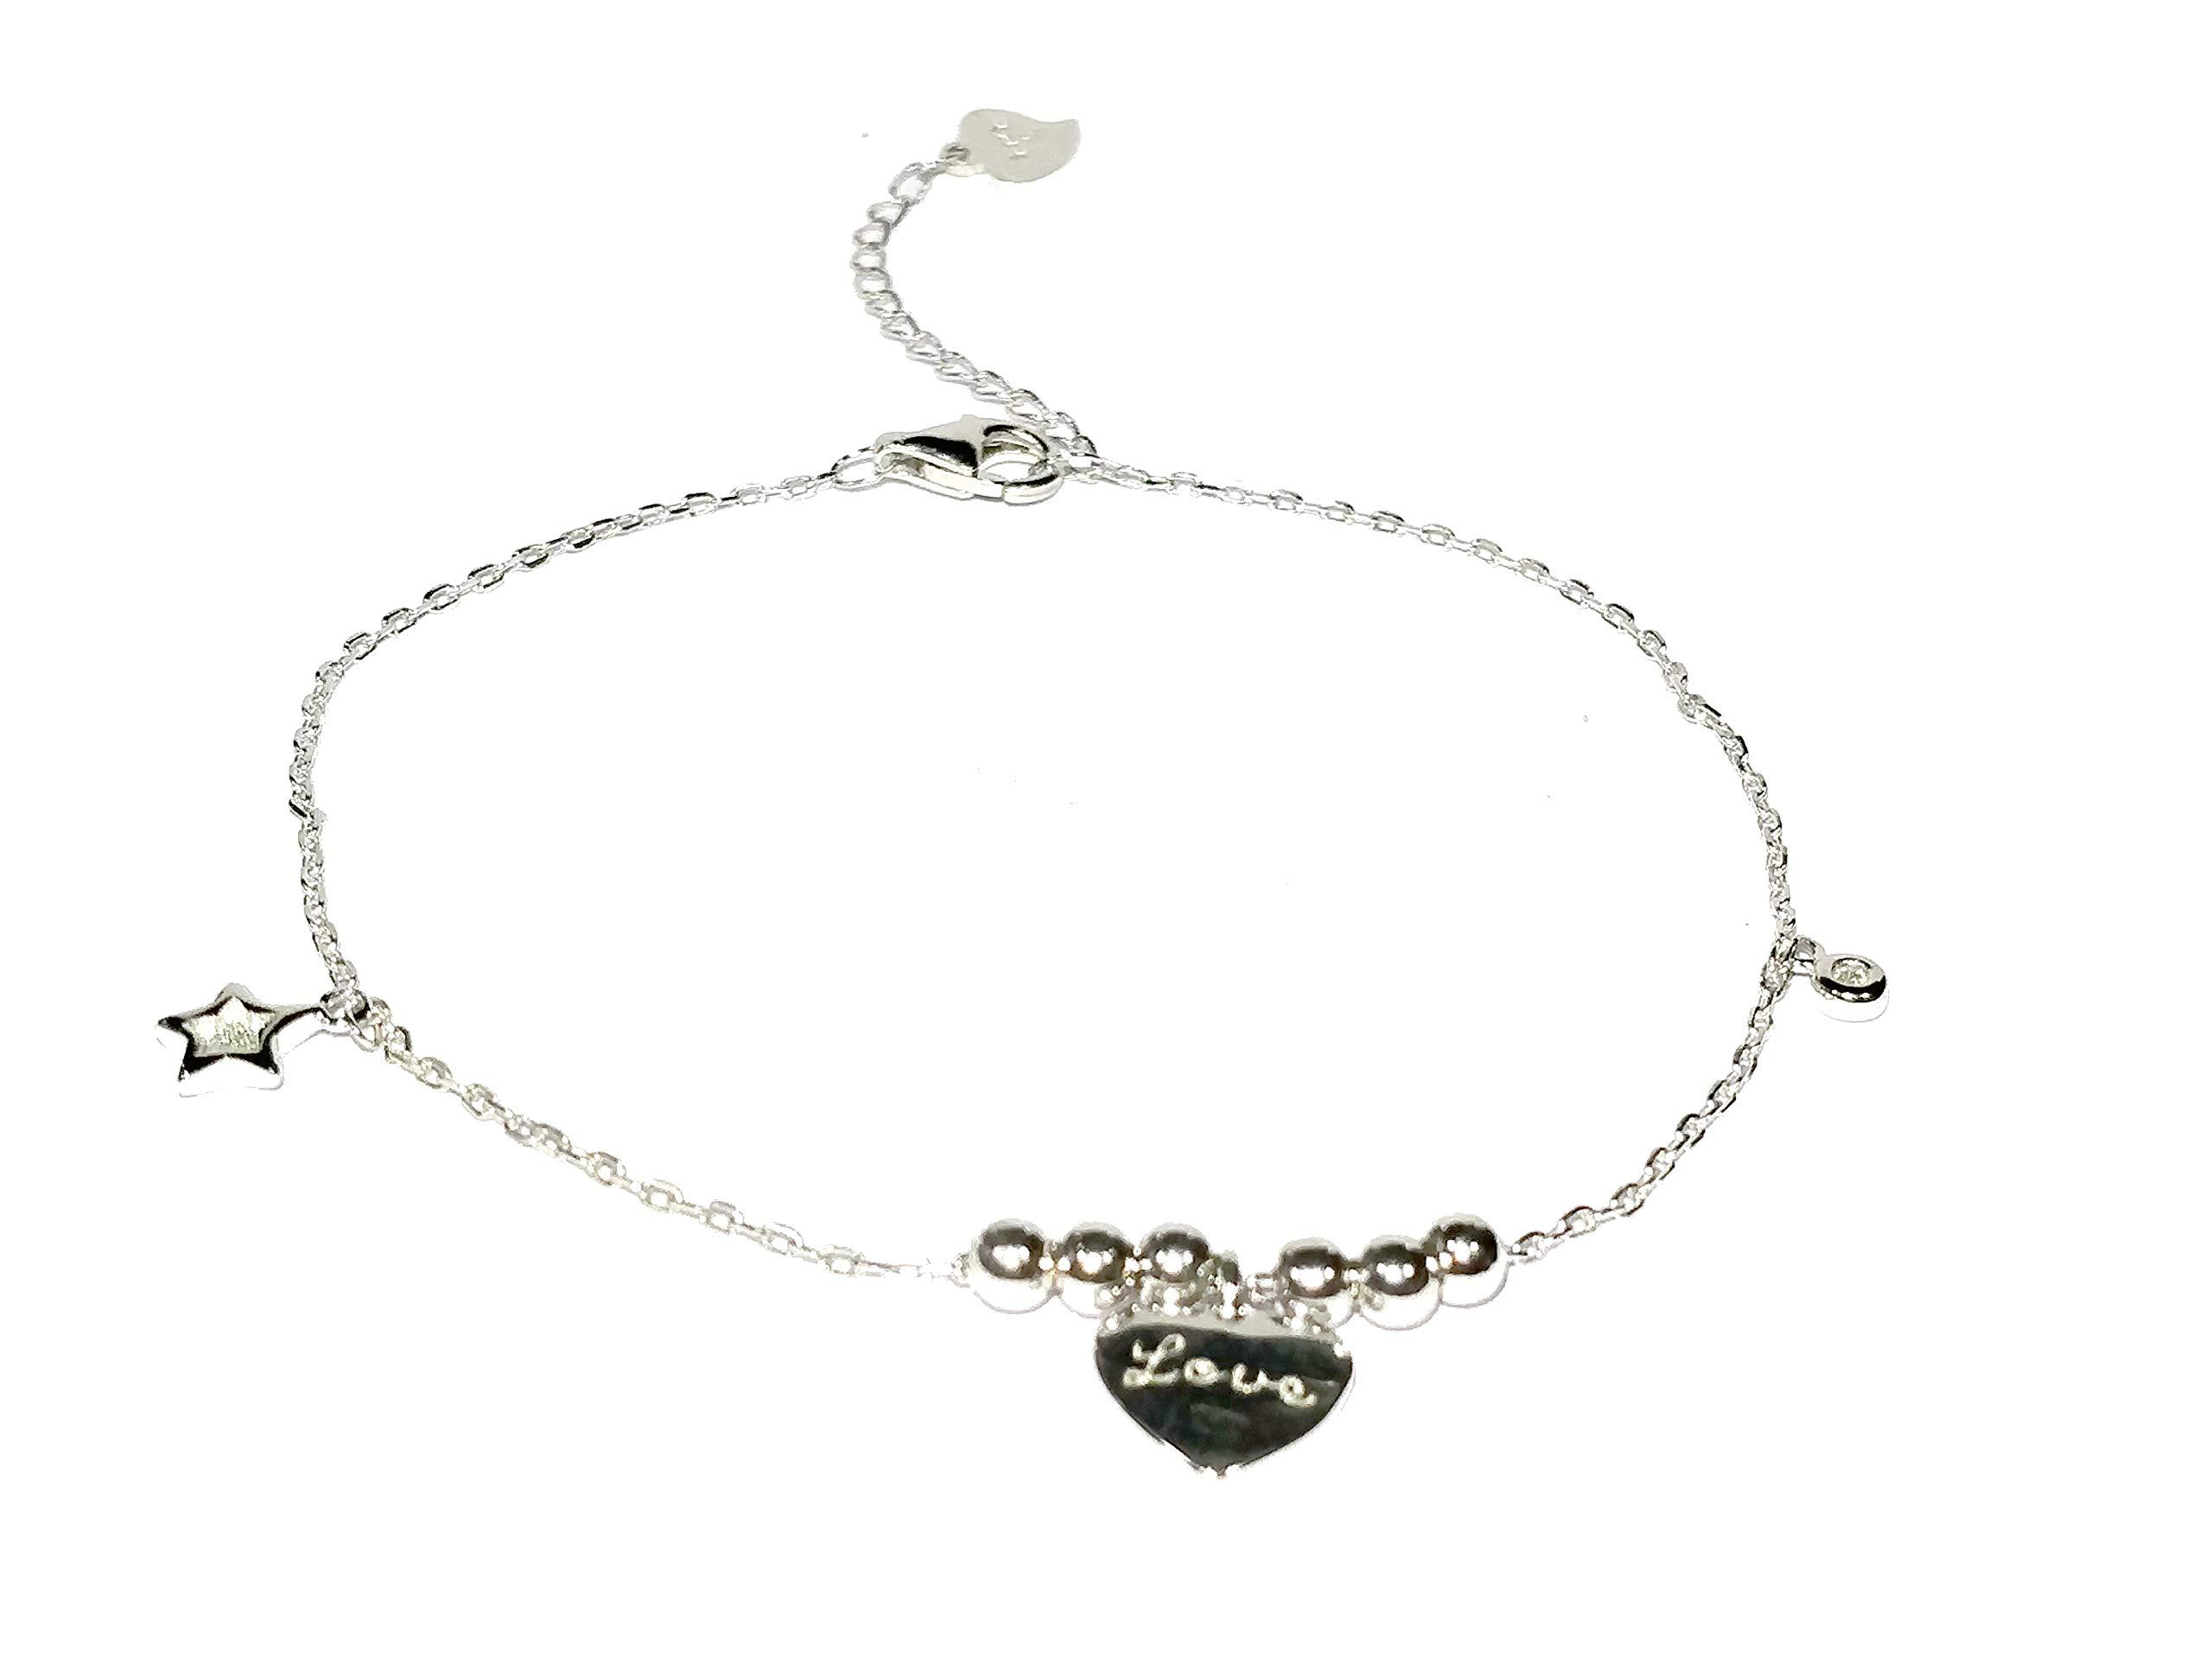 14k White Gold Over Heart Endless Love Symbol Charm Adjustable Anklet Bracelet For Girl's & Women's